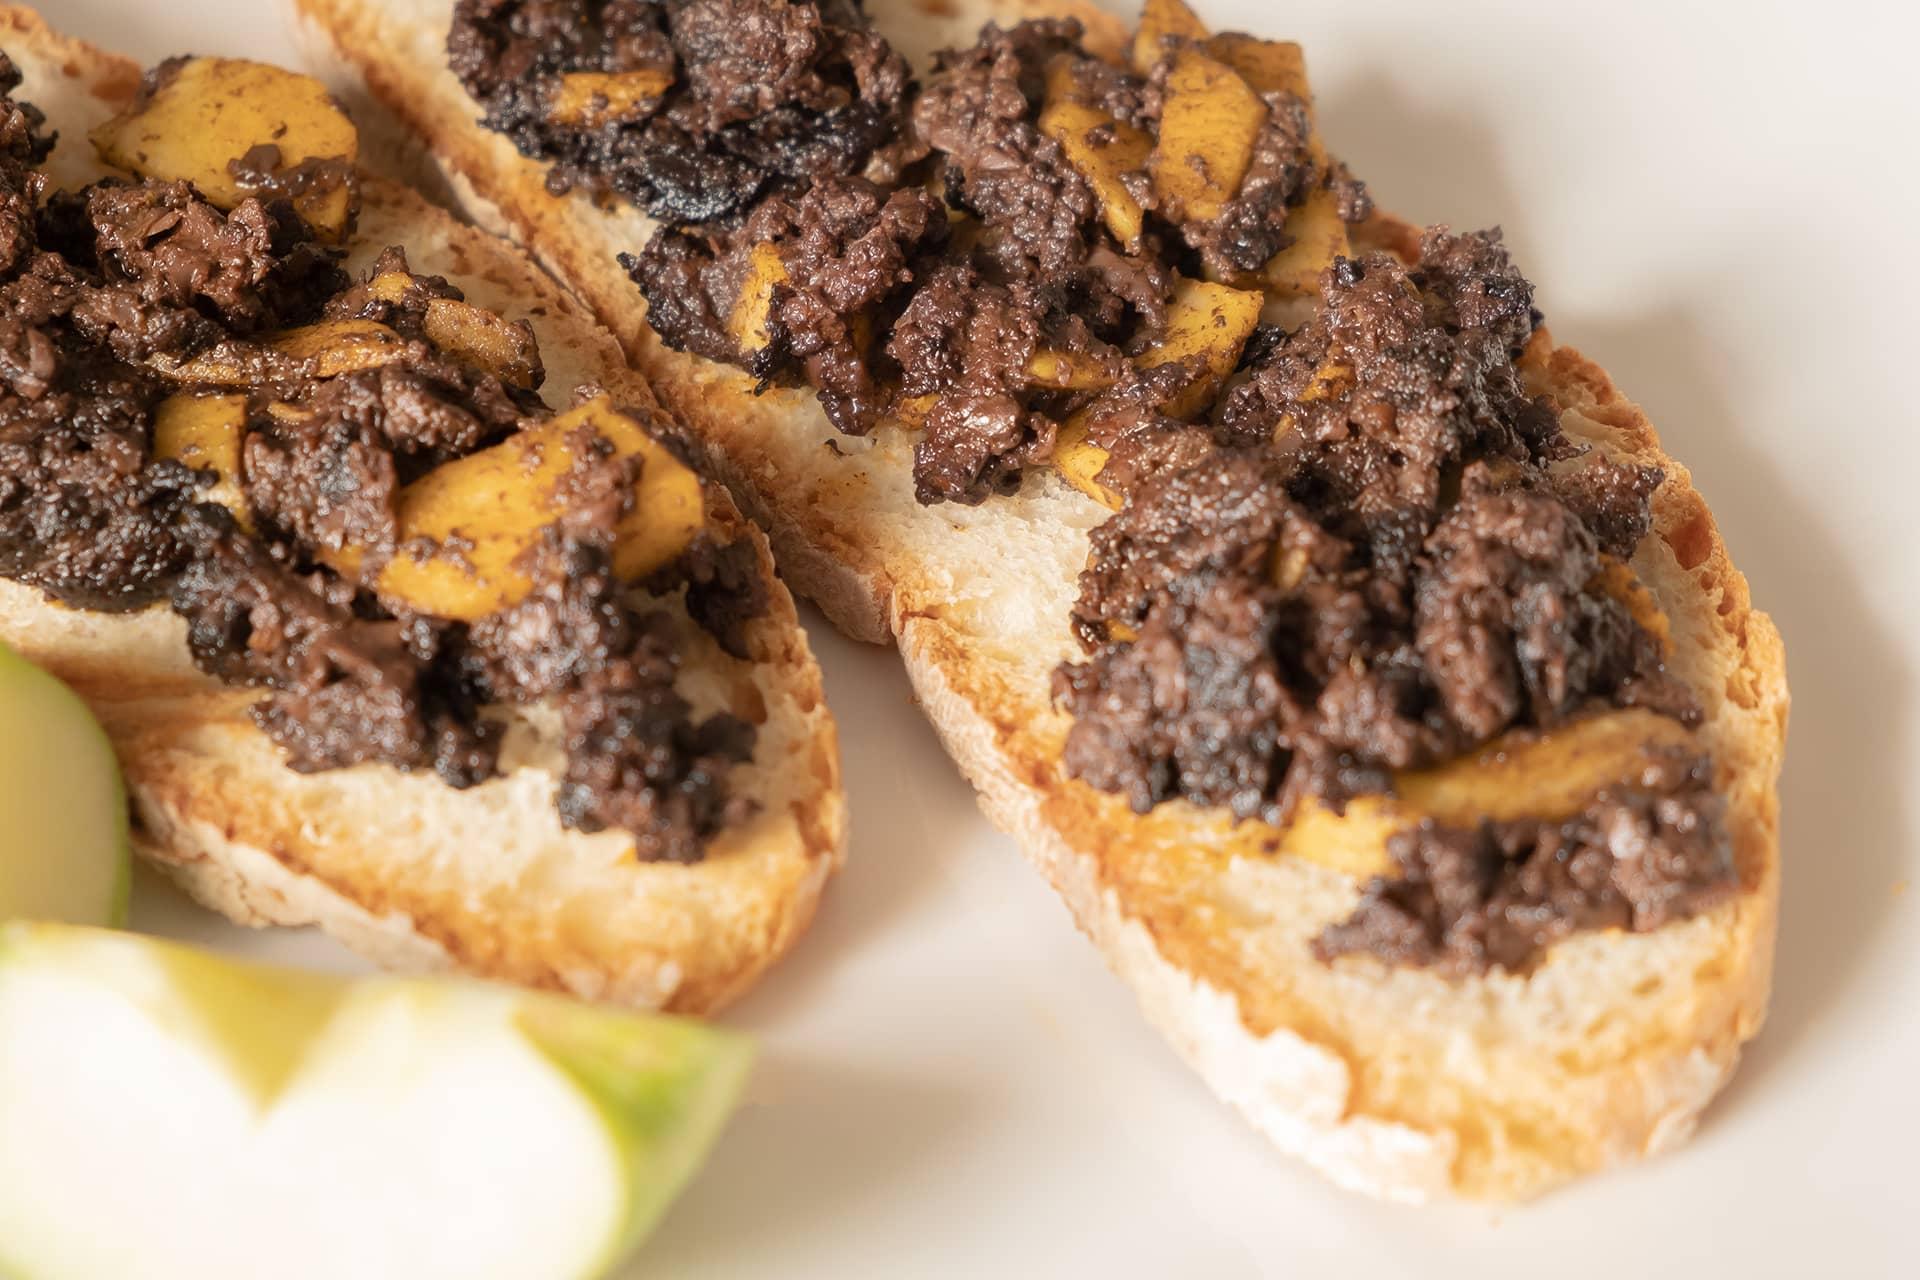 Receta de tosta de morcilla de León Villamoros con manzana reineta